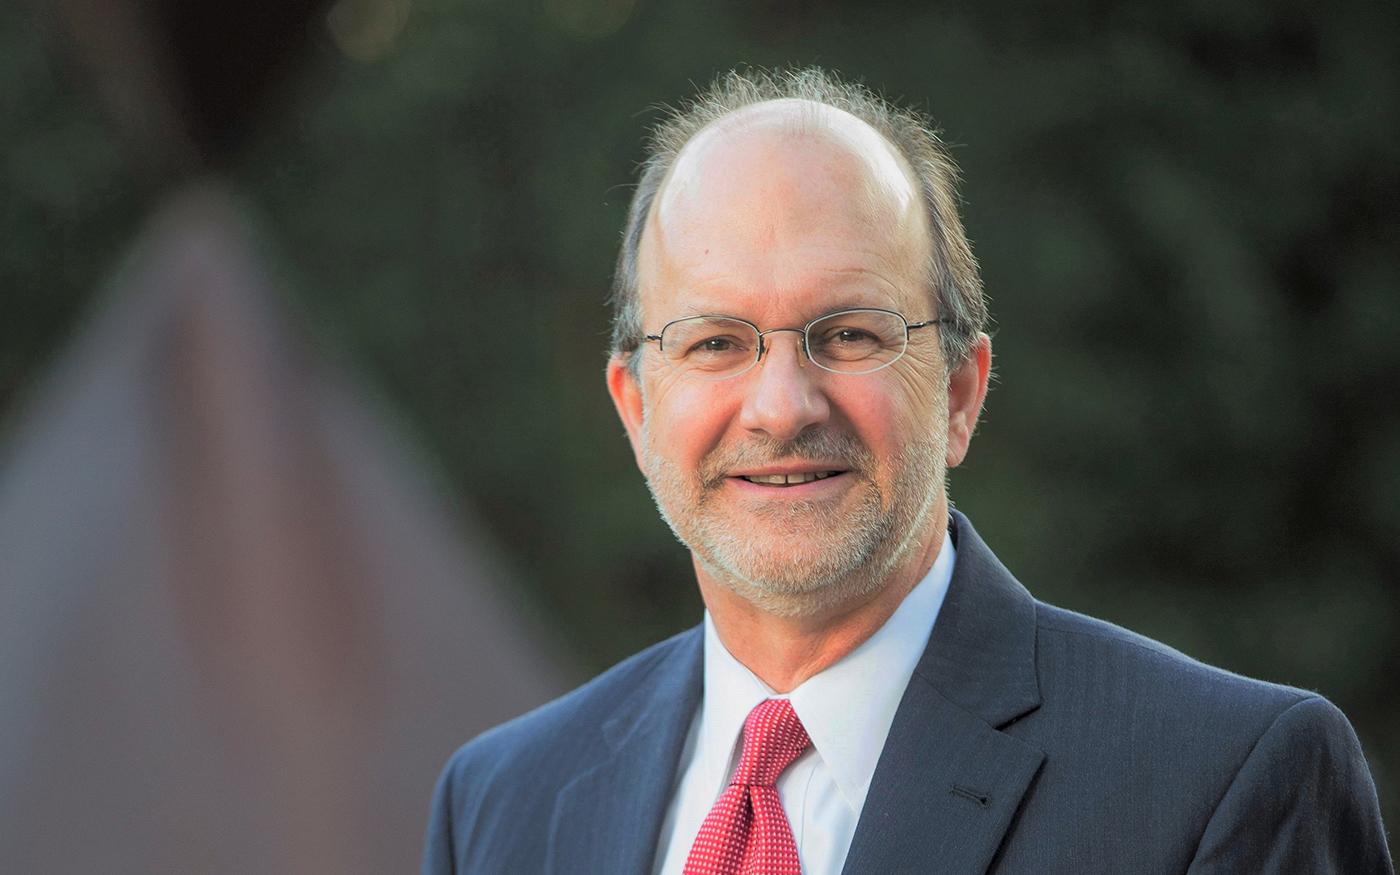 Art at Noon | David Leslie, Executive Director at the Rothko Chapel